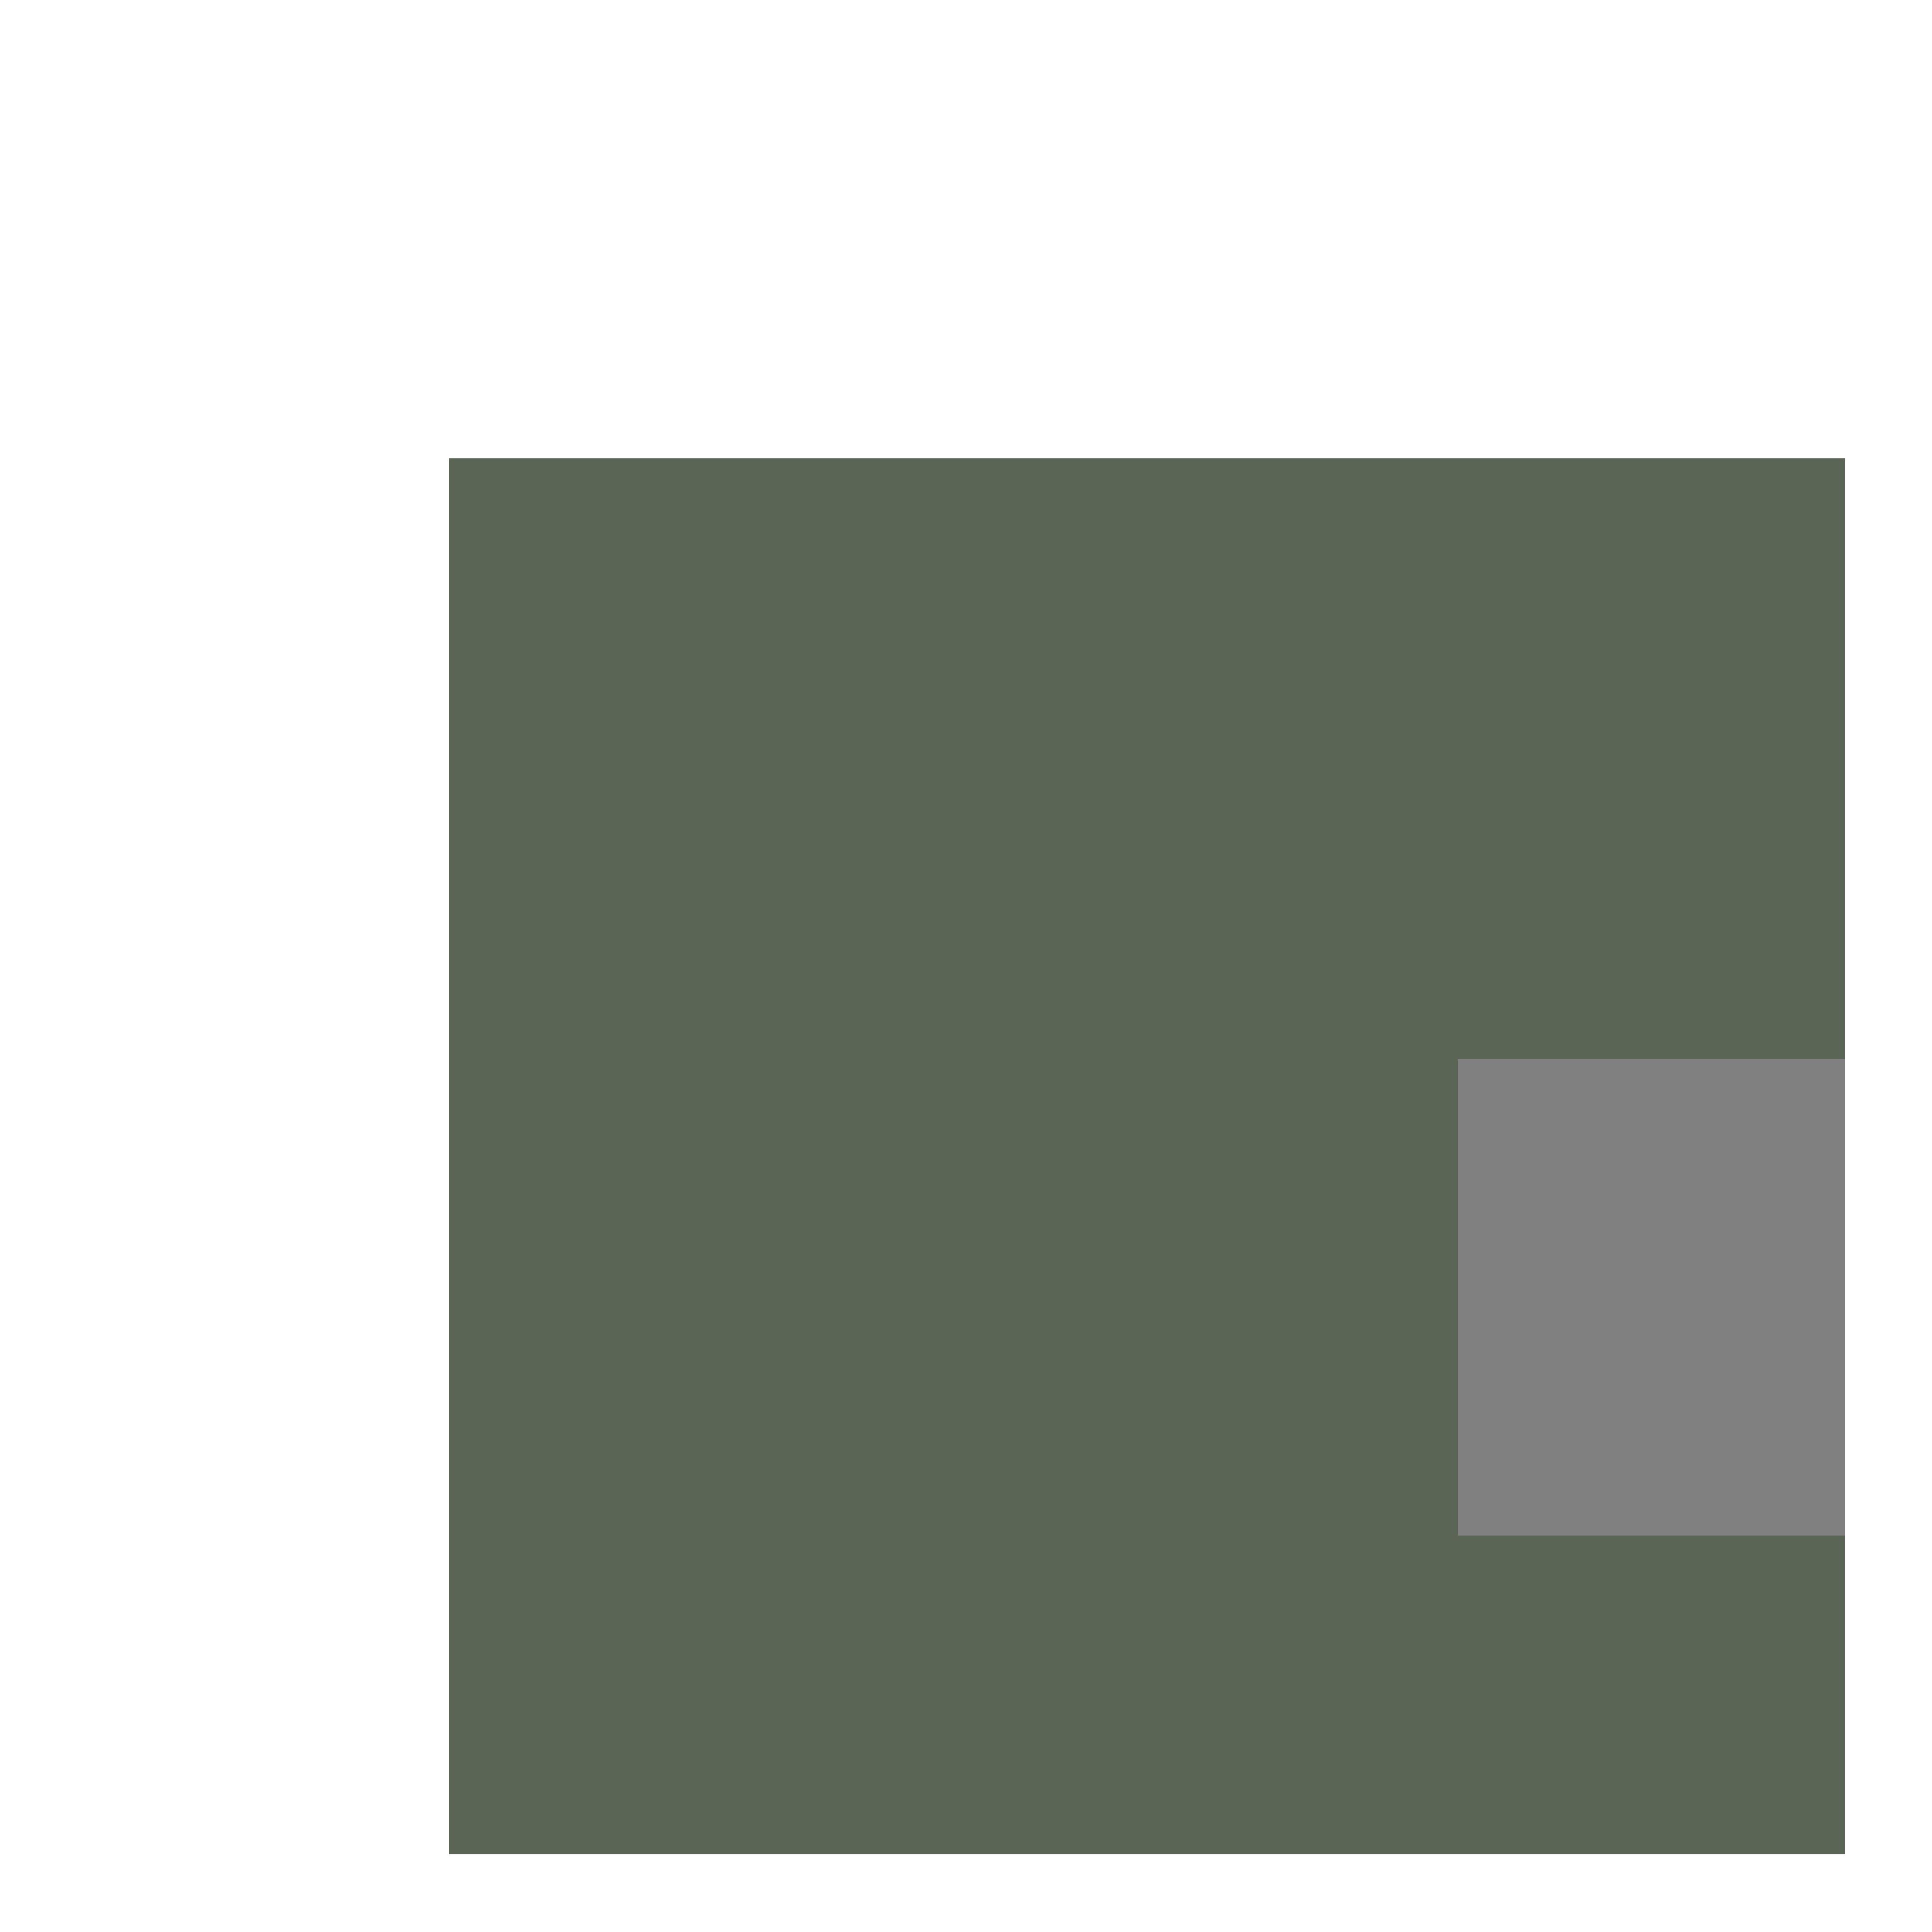 Ayurveda Astrological Health Analysis